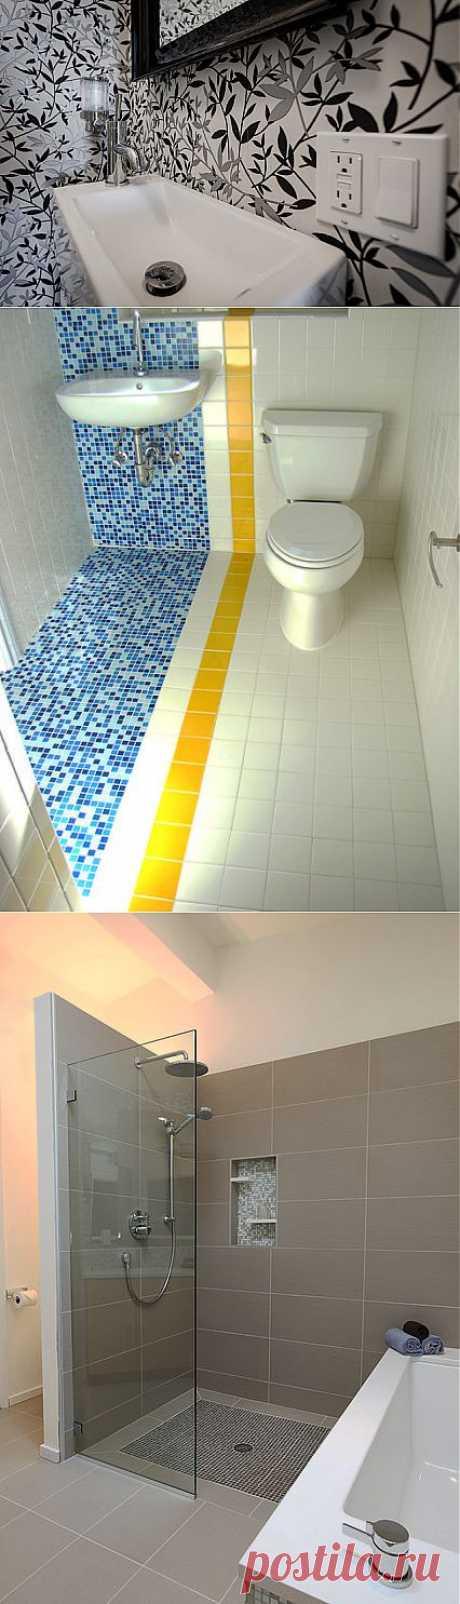 Идеи для экономии места в крошечных ванных комнатах | МОЯ КВАРТИРА